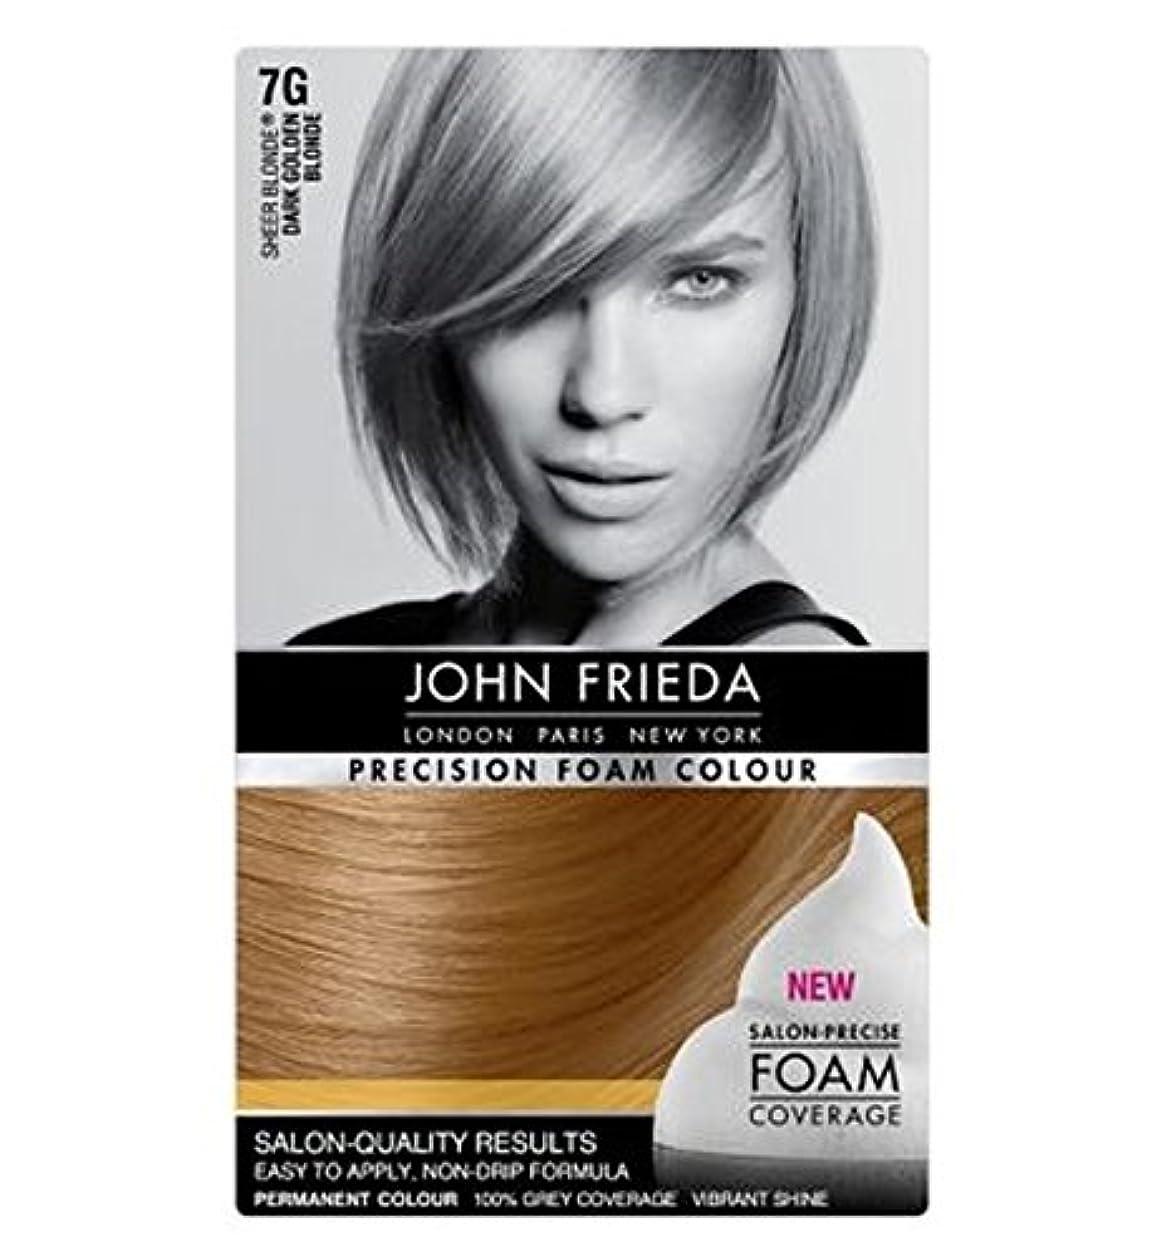 品揃えためらう注入するジョン?フリーダ精密泡カラー7グラムダークゴールデンブロンド (John Frieda) (x2) - John Frieda Precision Foam Colour 7G Dark Golden Blonde (Pack of 2) [並行輸入品]